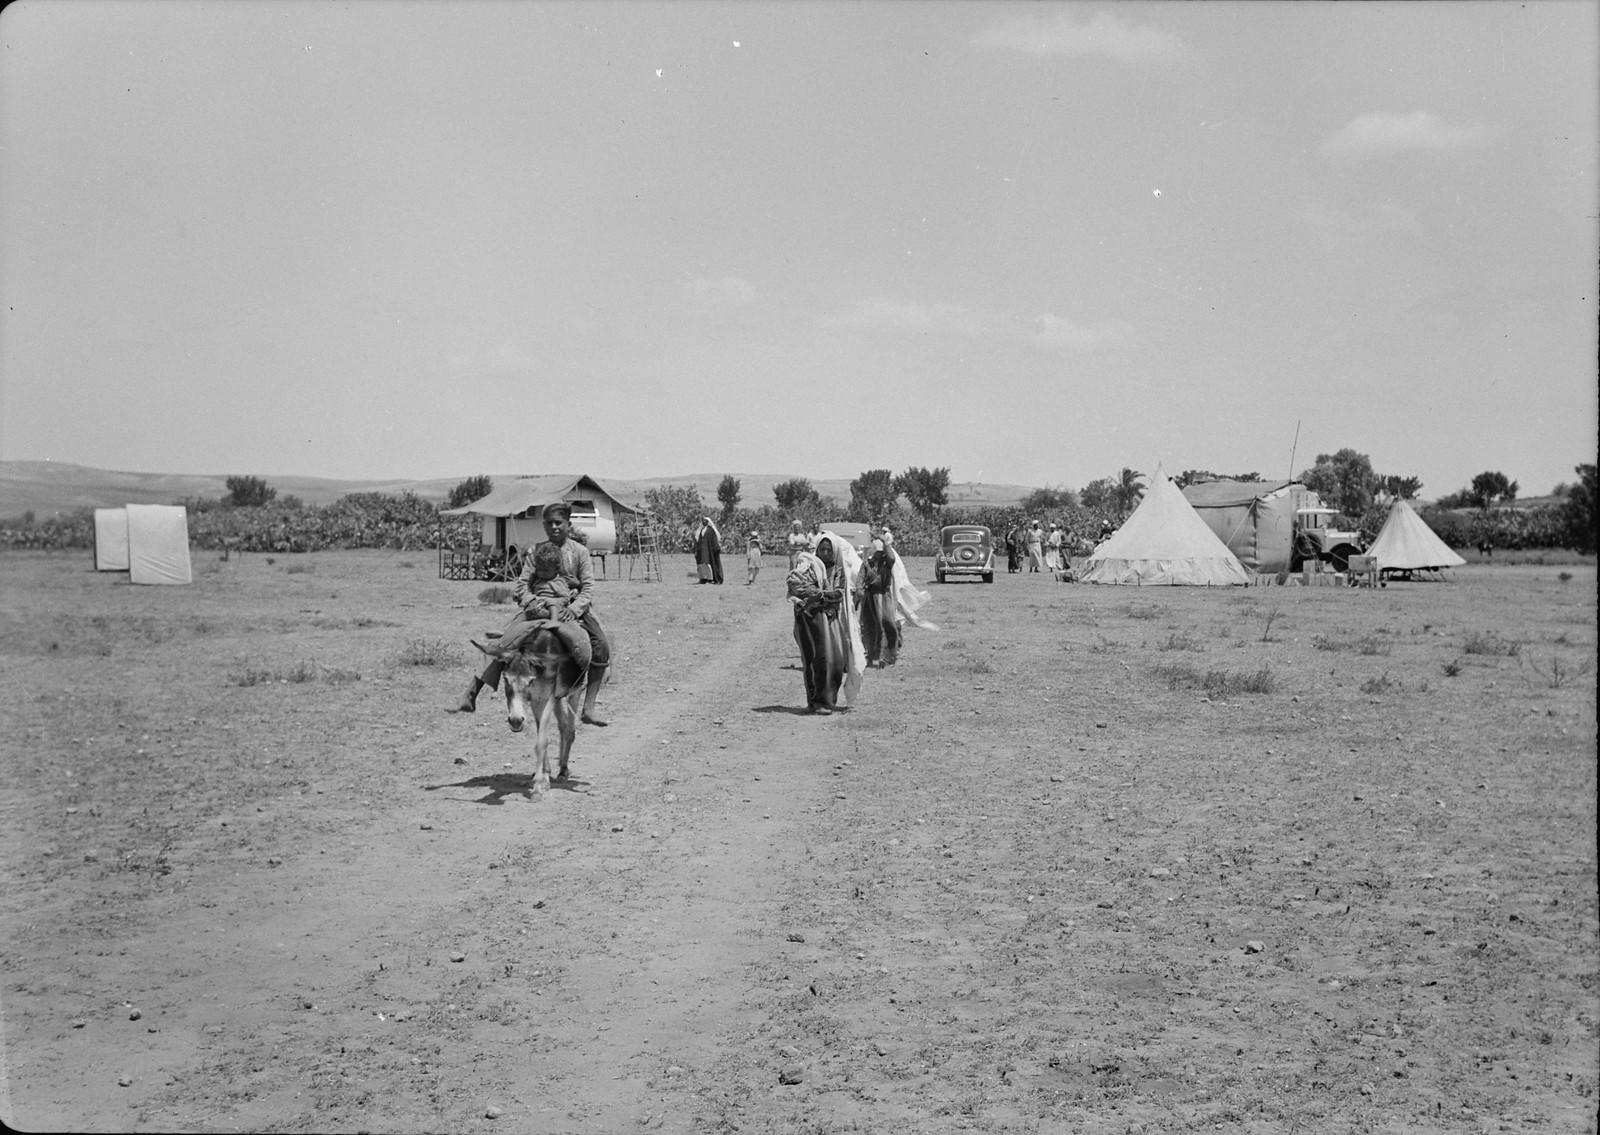 После поликлиники сельские жители разъезжаются по своим домам в отдаленных деревнях